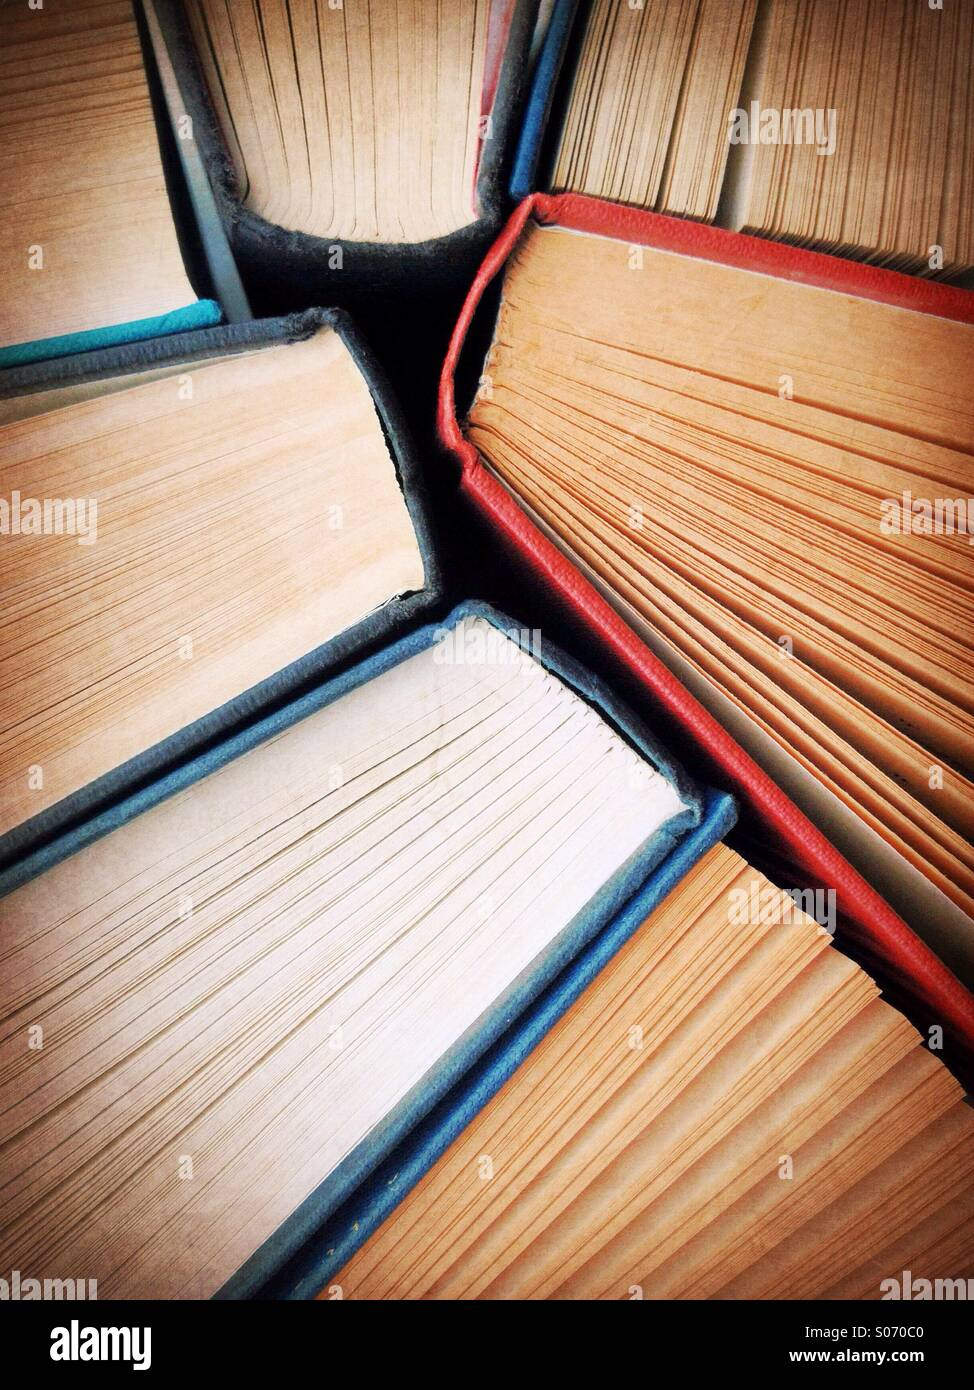 Copertina rigida con vecchi libri da sopra con ampio angolo. Realizzato con una fotocamera dello smartphone Immagini Stock